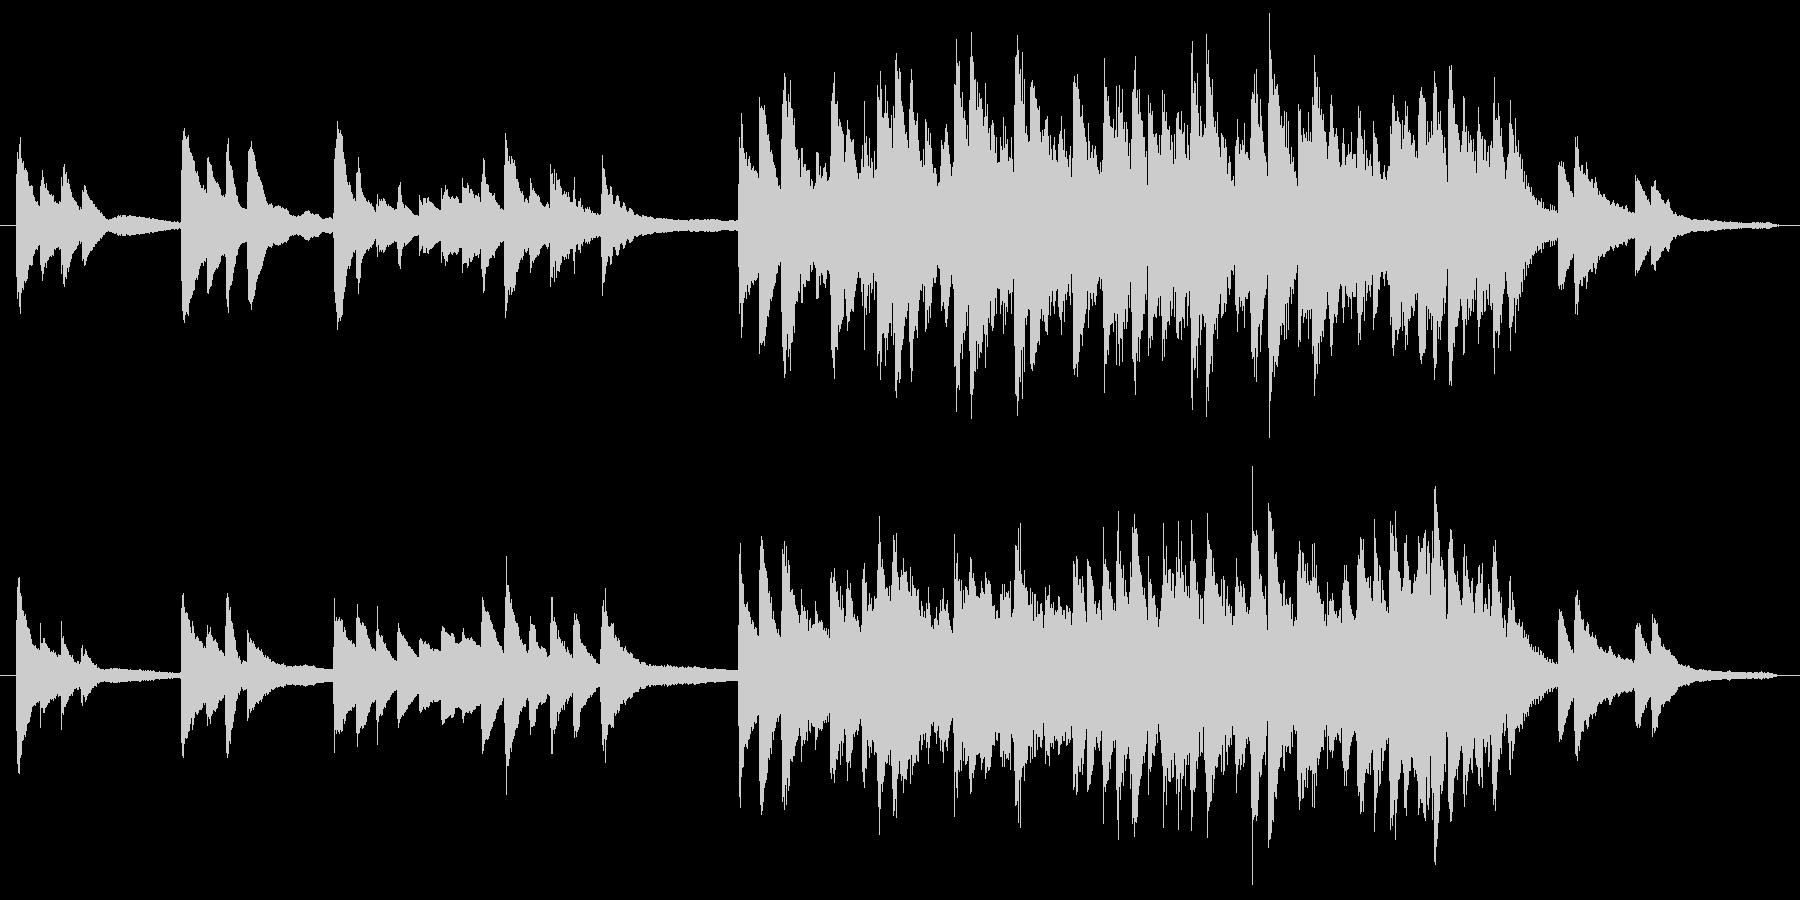 ジブリ、坂本龍一風生演奏ピアノの未再生の波形